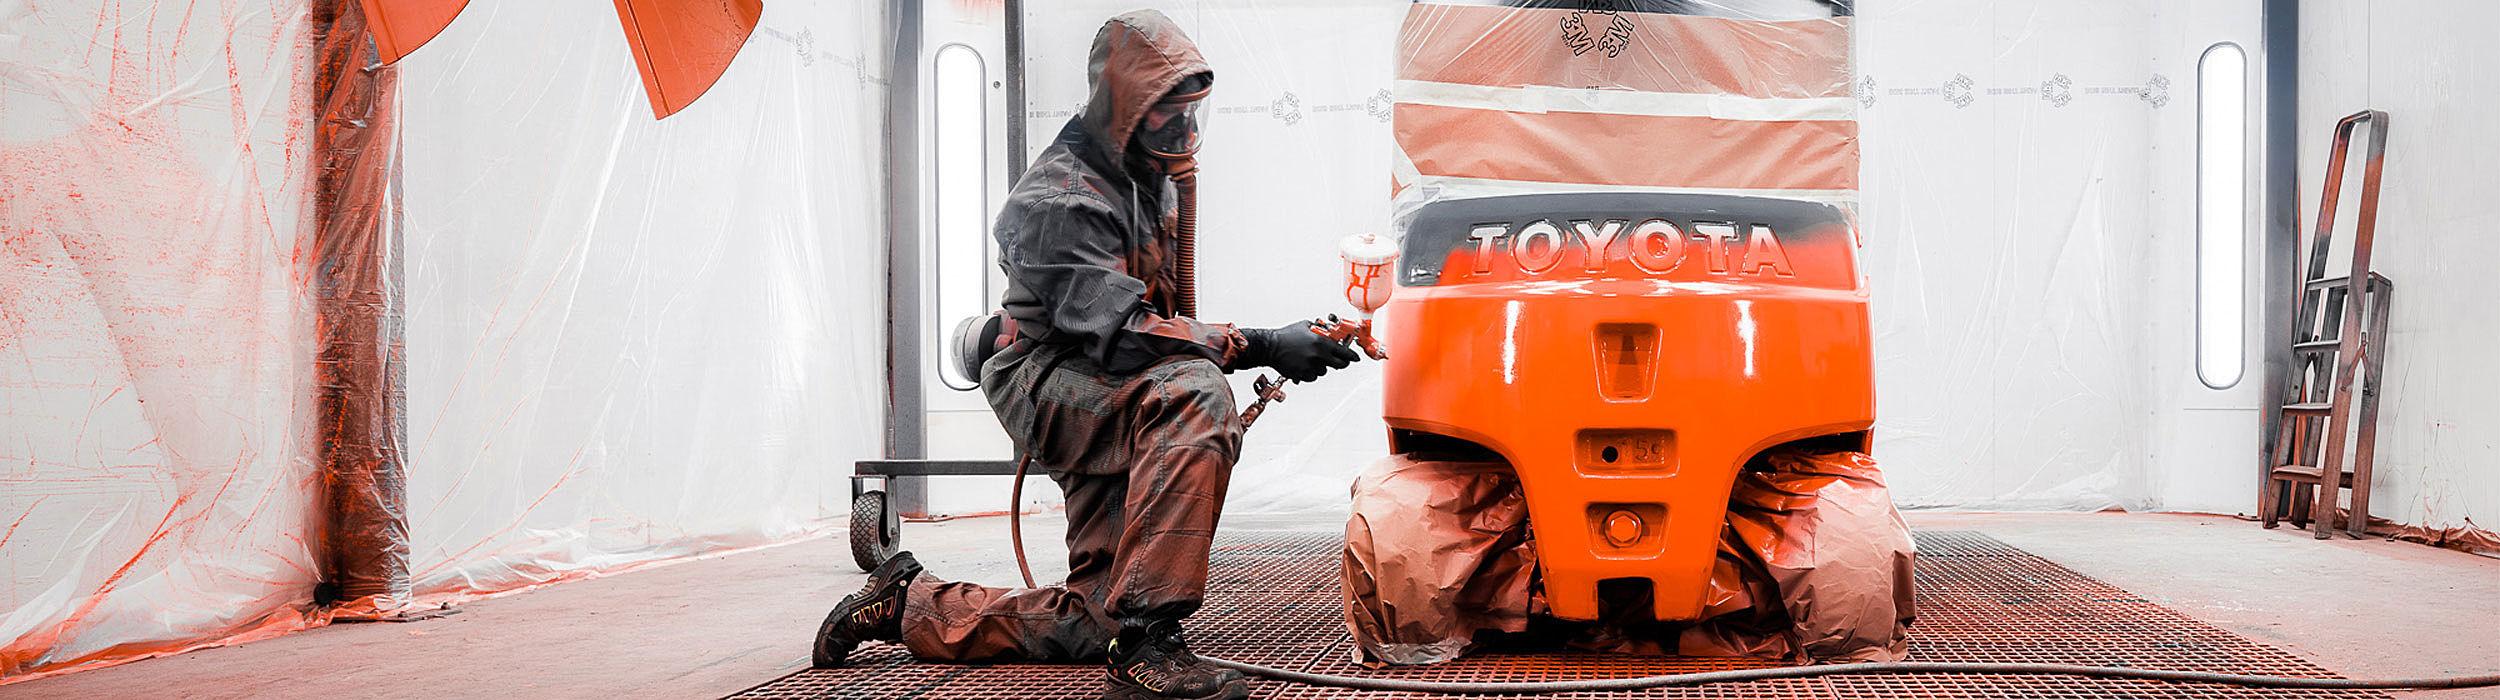 Calidad Toyota garantizada. Entrega inmediata. Cómoda financiación. Siempre abiertos. Siempre cerca.